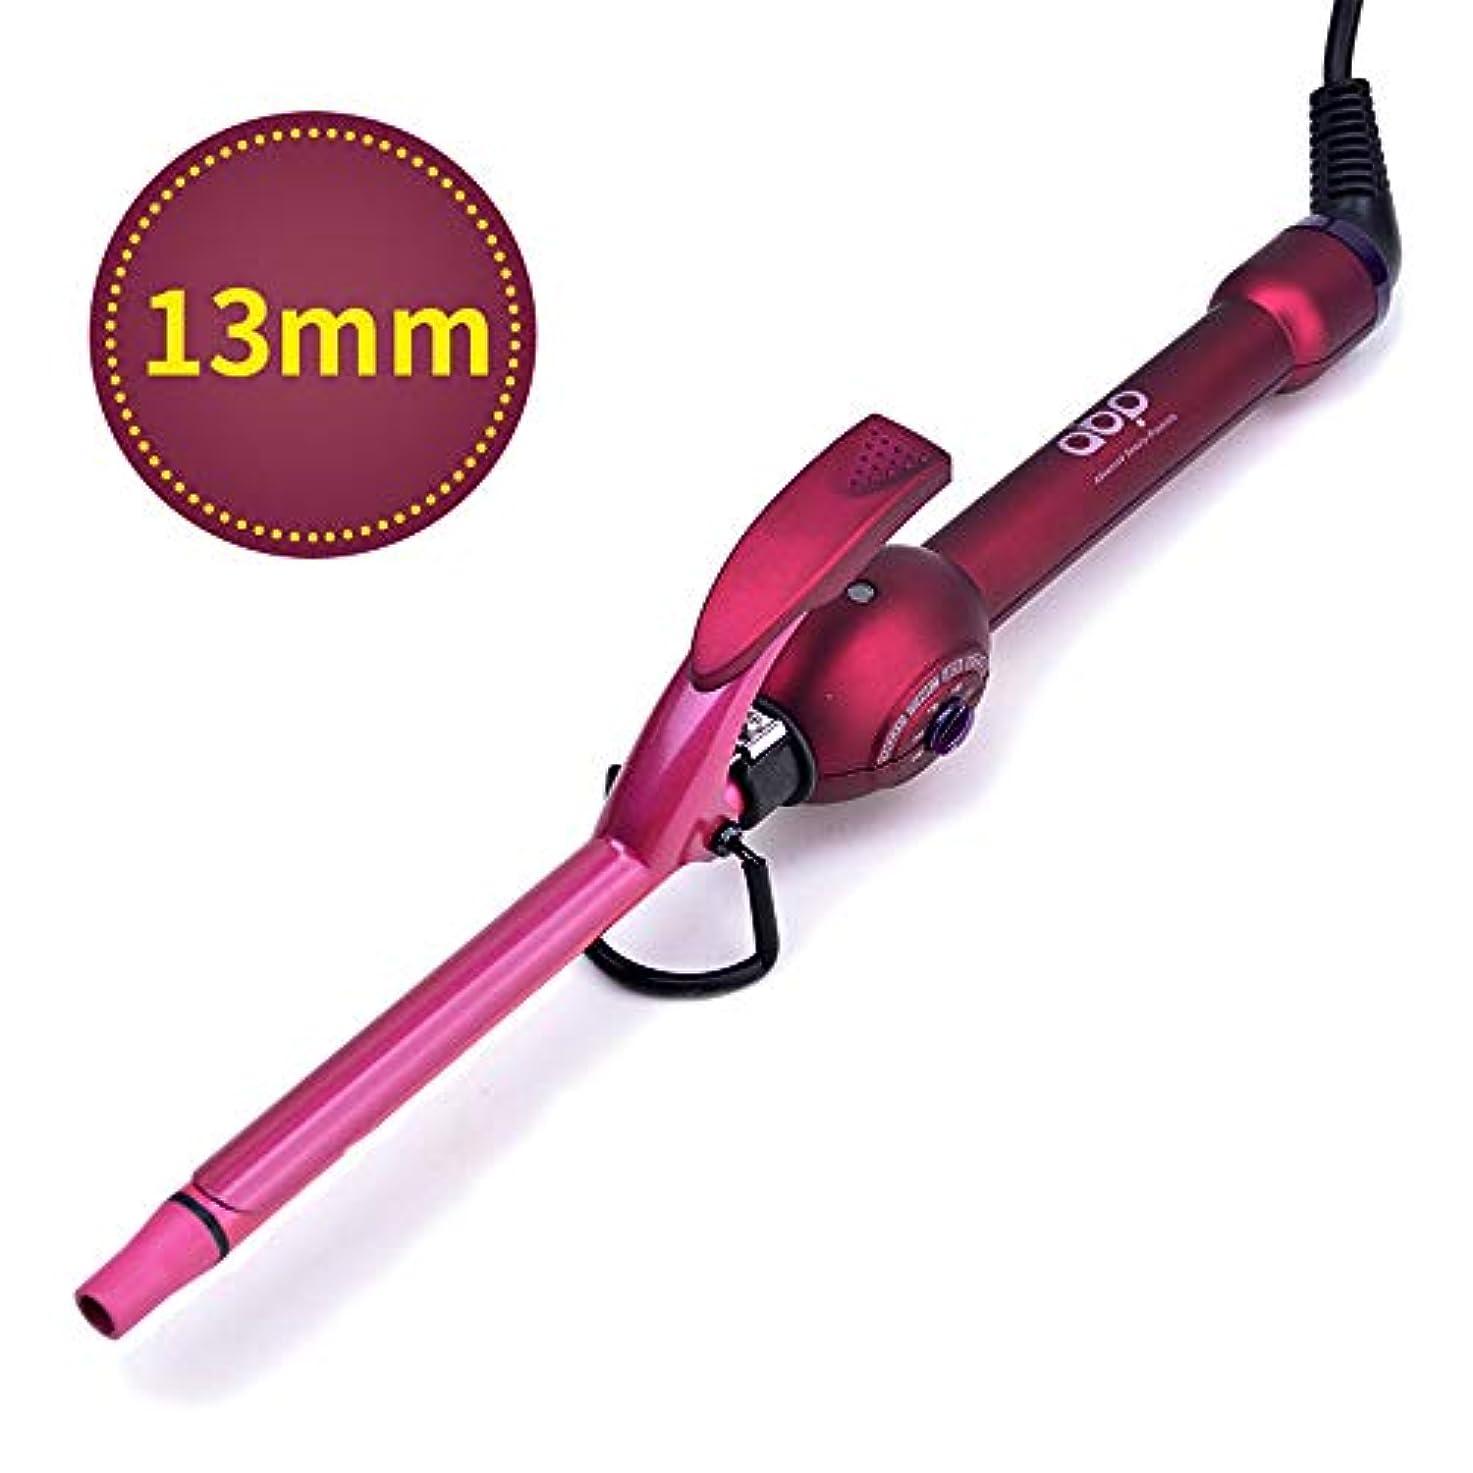 abp ヘアアイロンカール ミニ シングルチュープアイロン 9㎜セラミックカーラーアイロン 高温230℃ 6段階調節 長持ち続ける 美髪用ヘアアイロン レディース パープル (13mm)